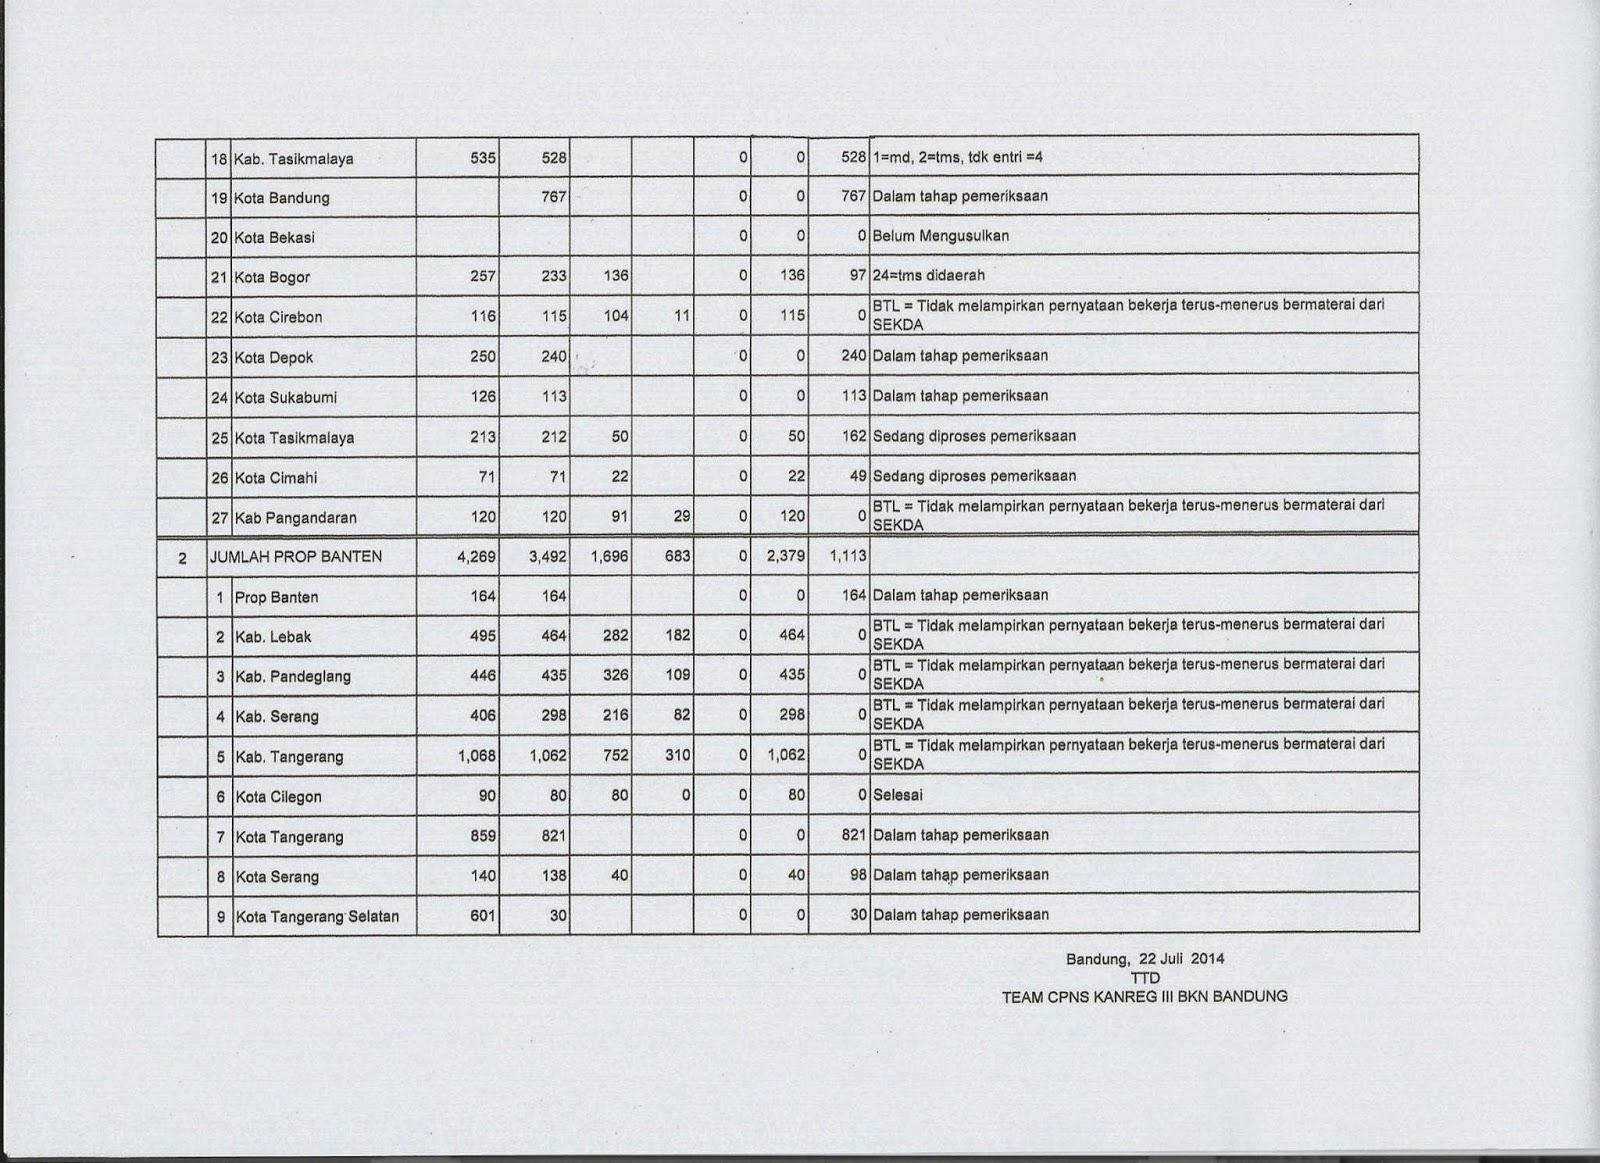 Info Honorer K2 Tahun 2013 Info Cpns K2 Resmi Kementerian Tahun 2016 Nip Cpns K2 Terlihat Pada Tabel Nomor Urut 20 Kota Bekasi Tercatat